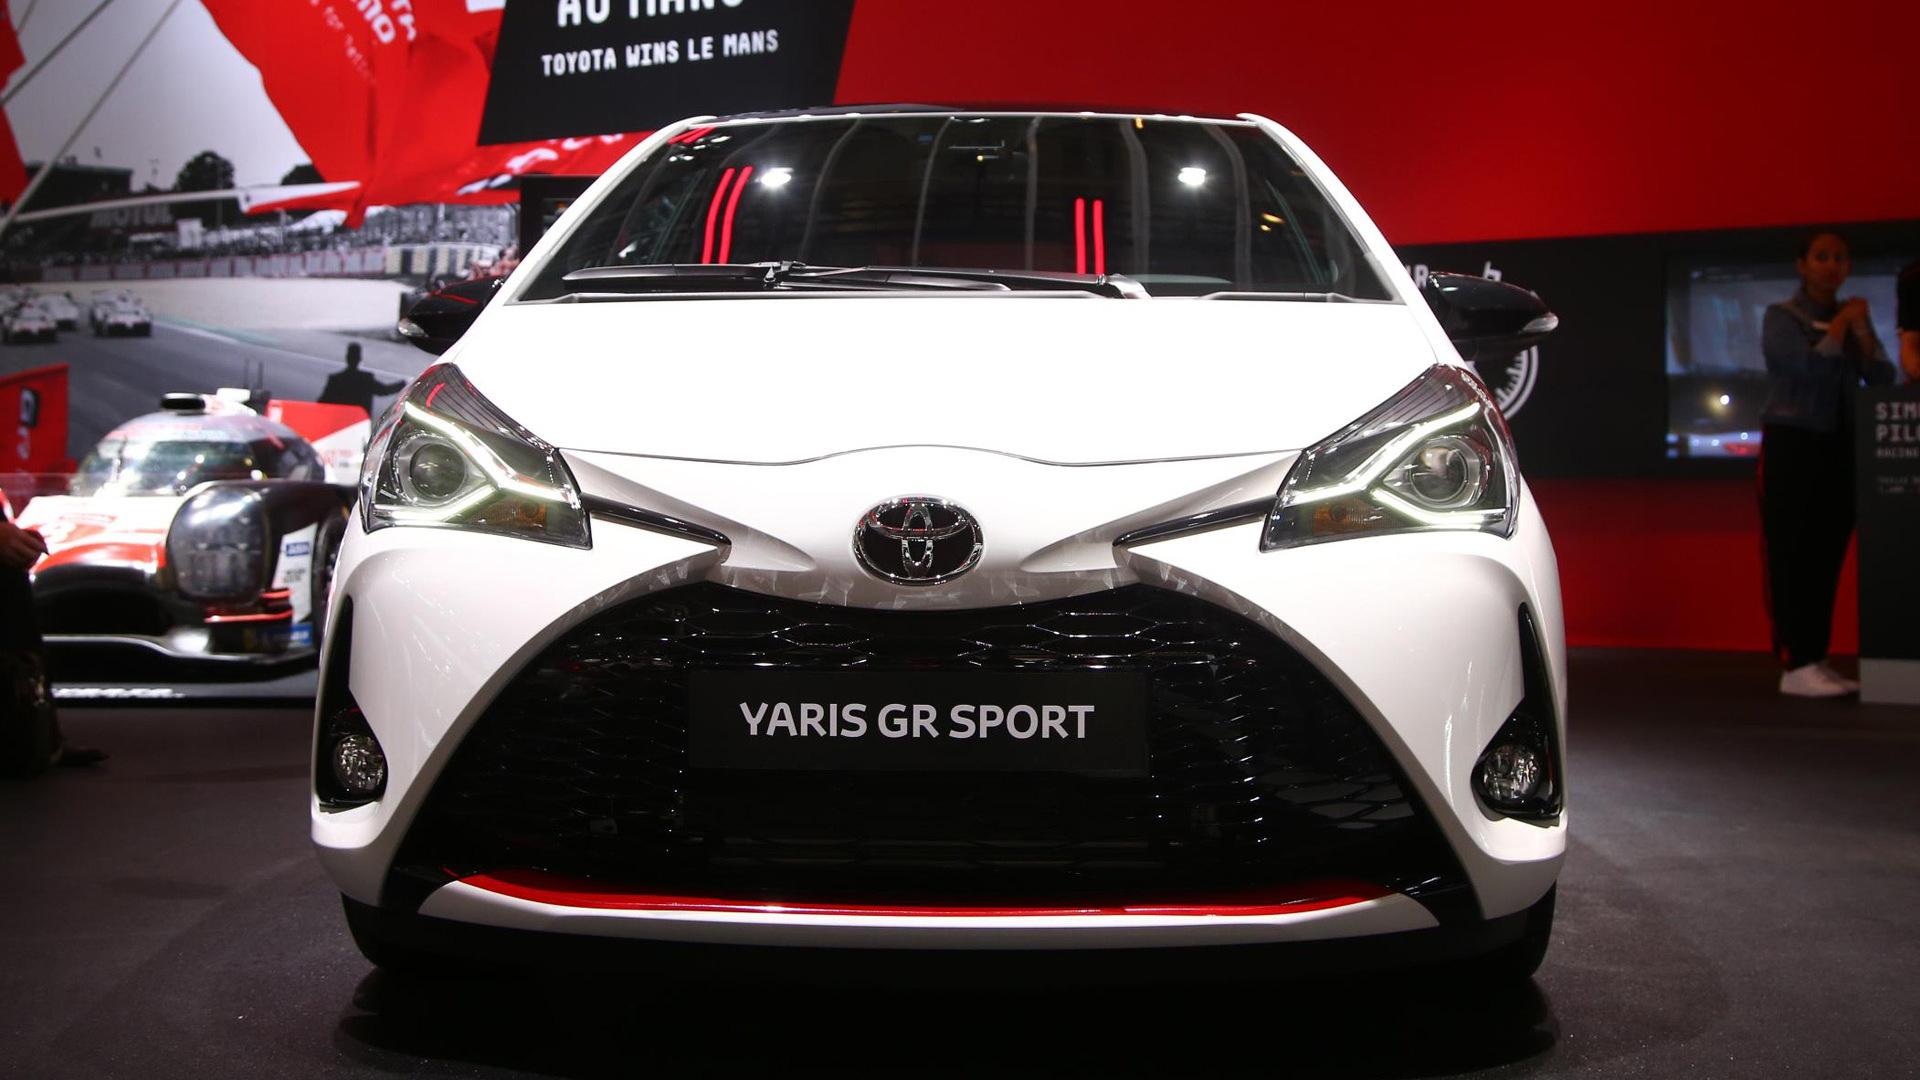 Kelebihan Kekurangan Toyota Yaris Gr Sport Review